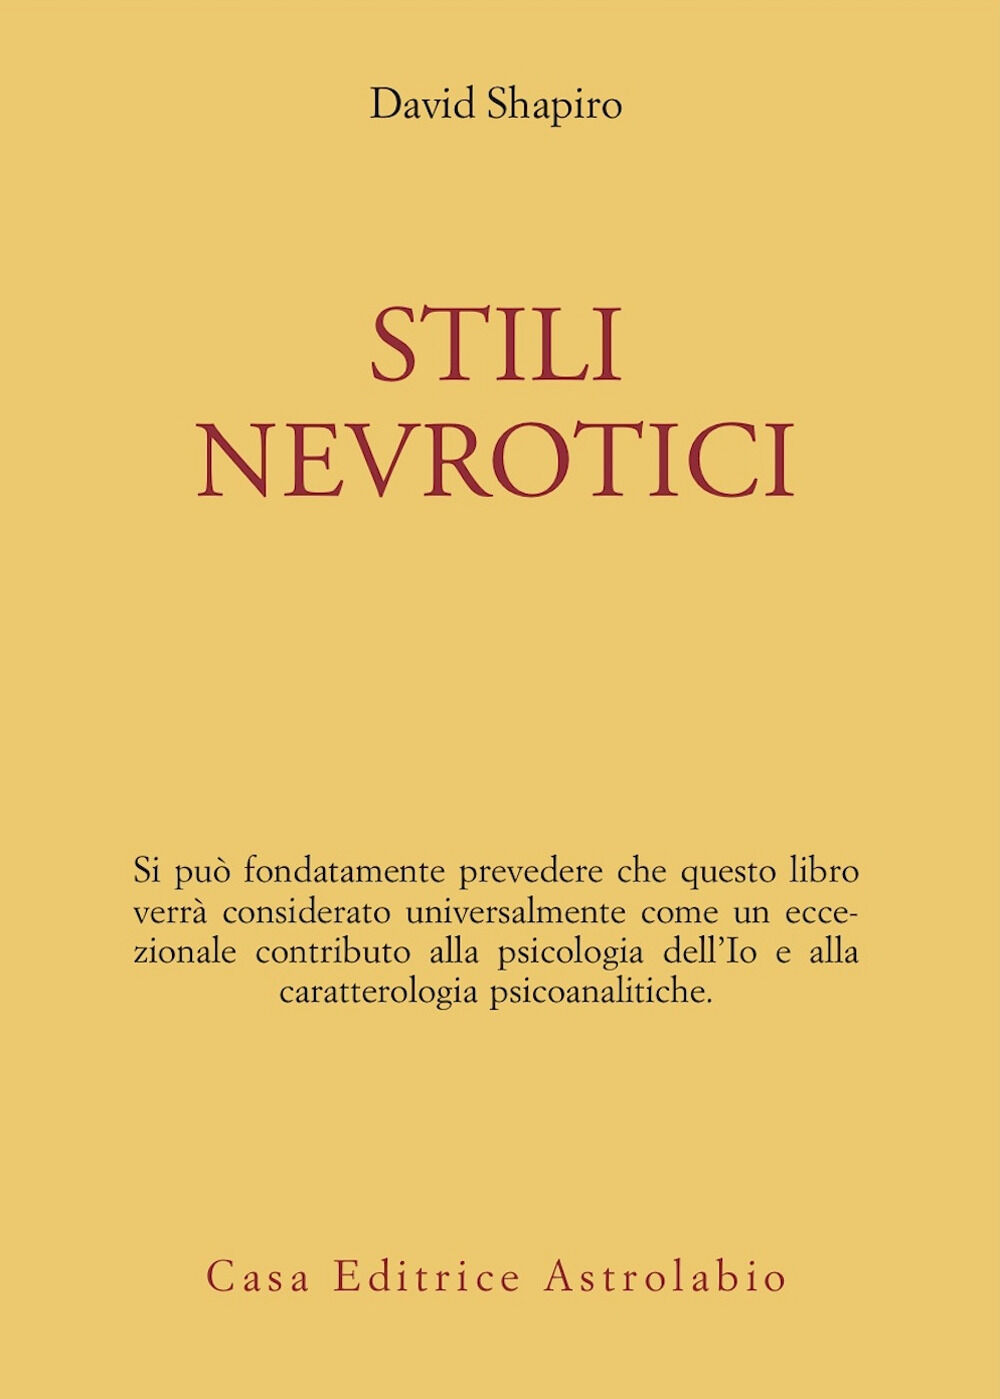 Stili nevrotici